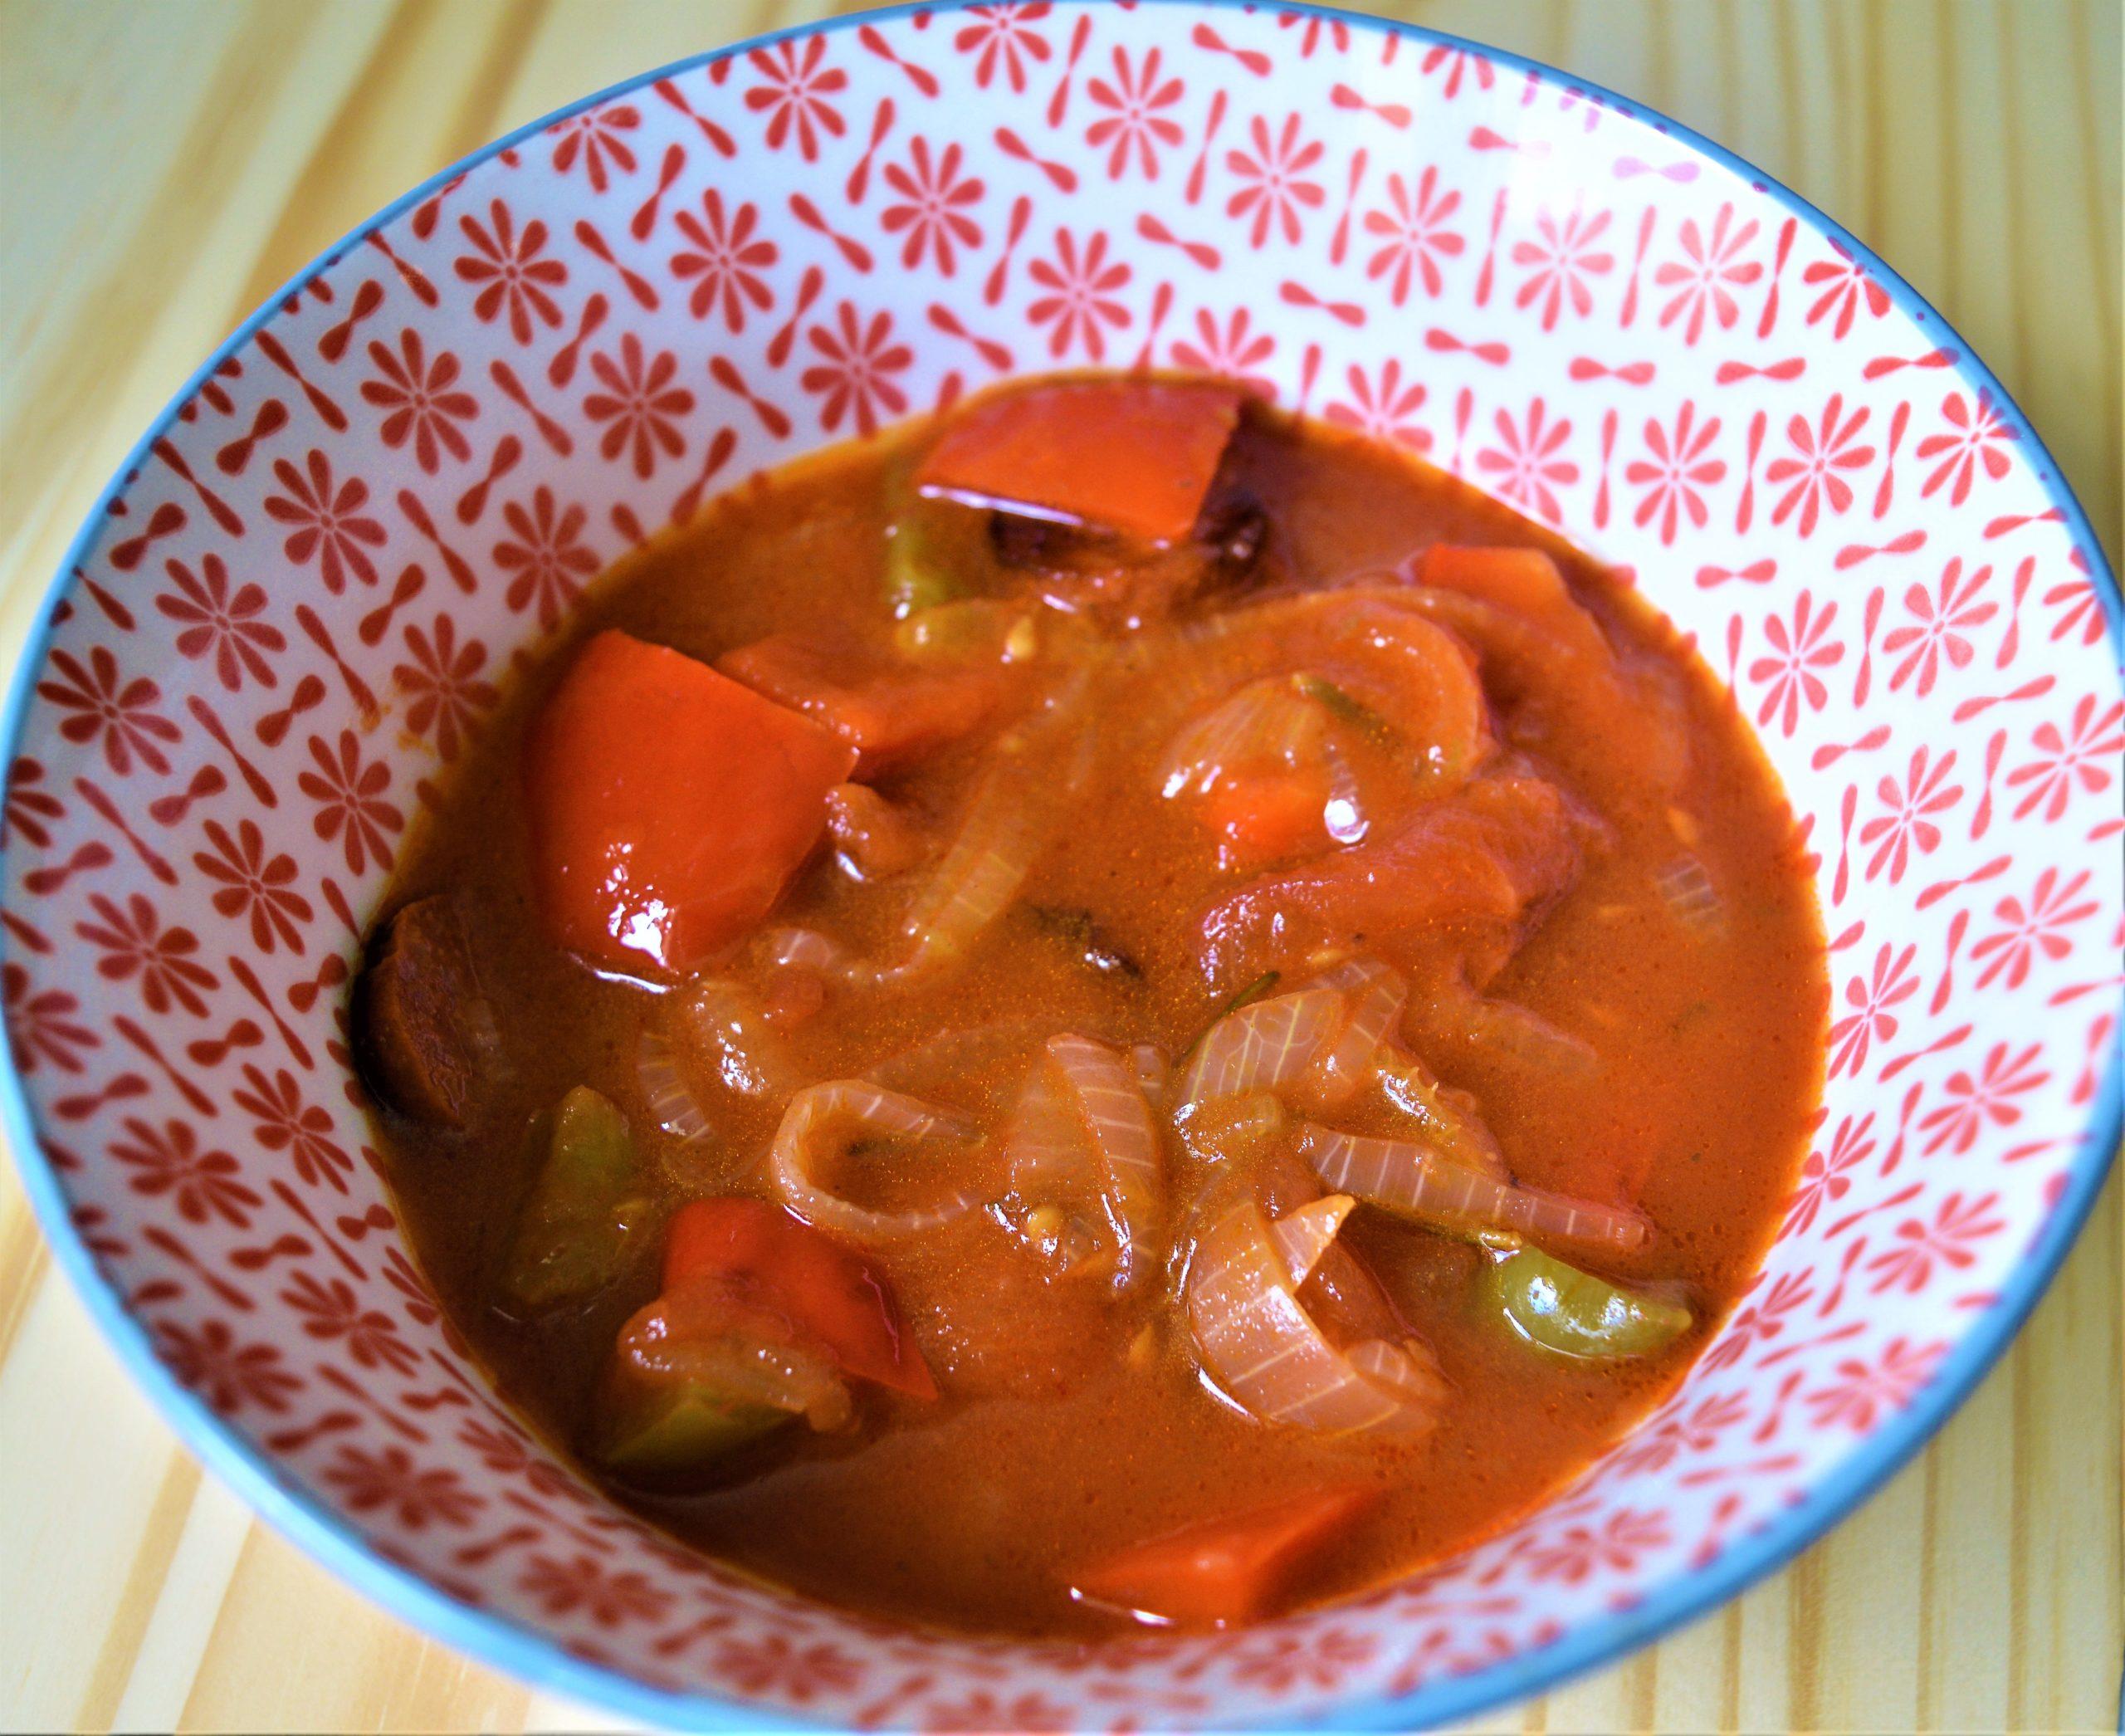 poivrons, ragout de legumes, leczo, recette hongroise, oignons